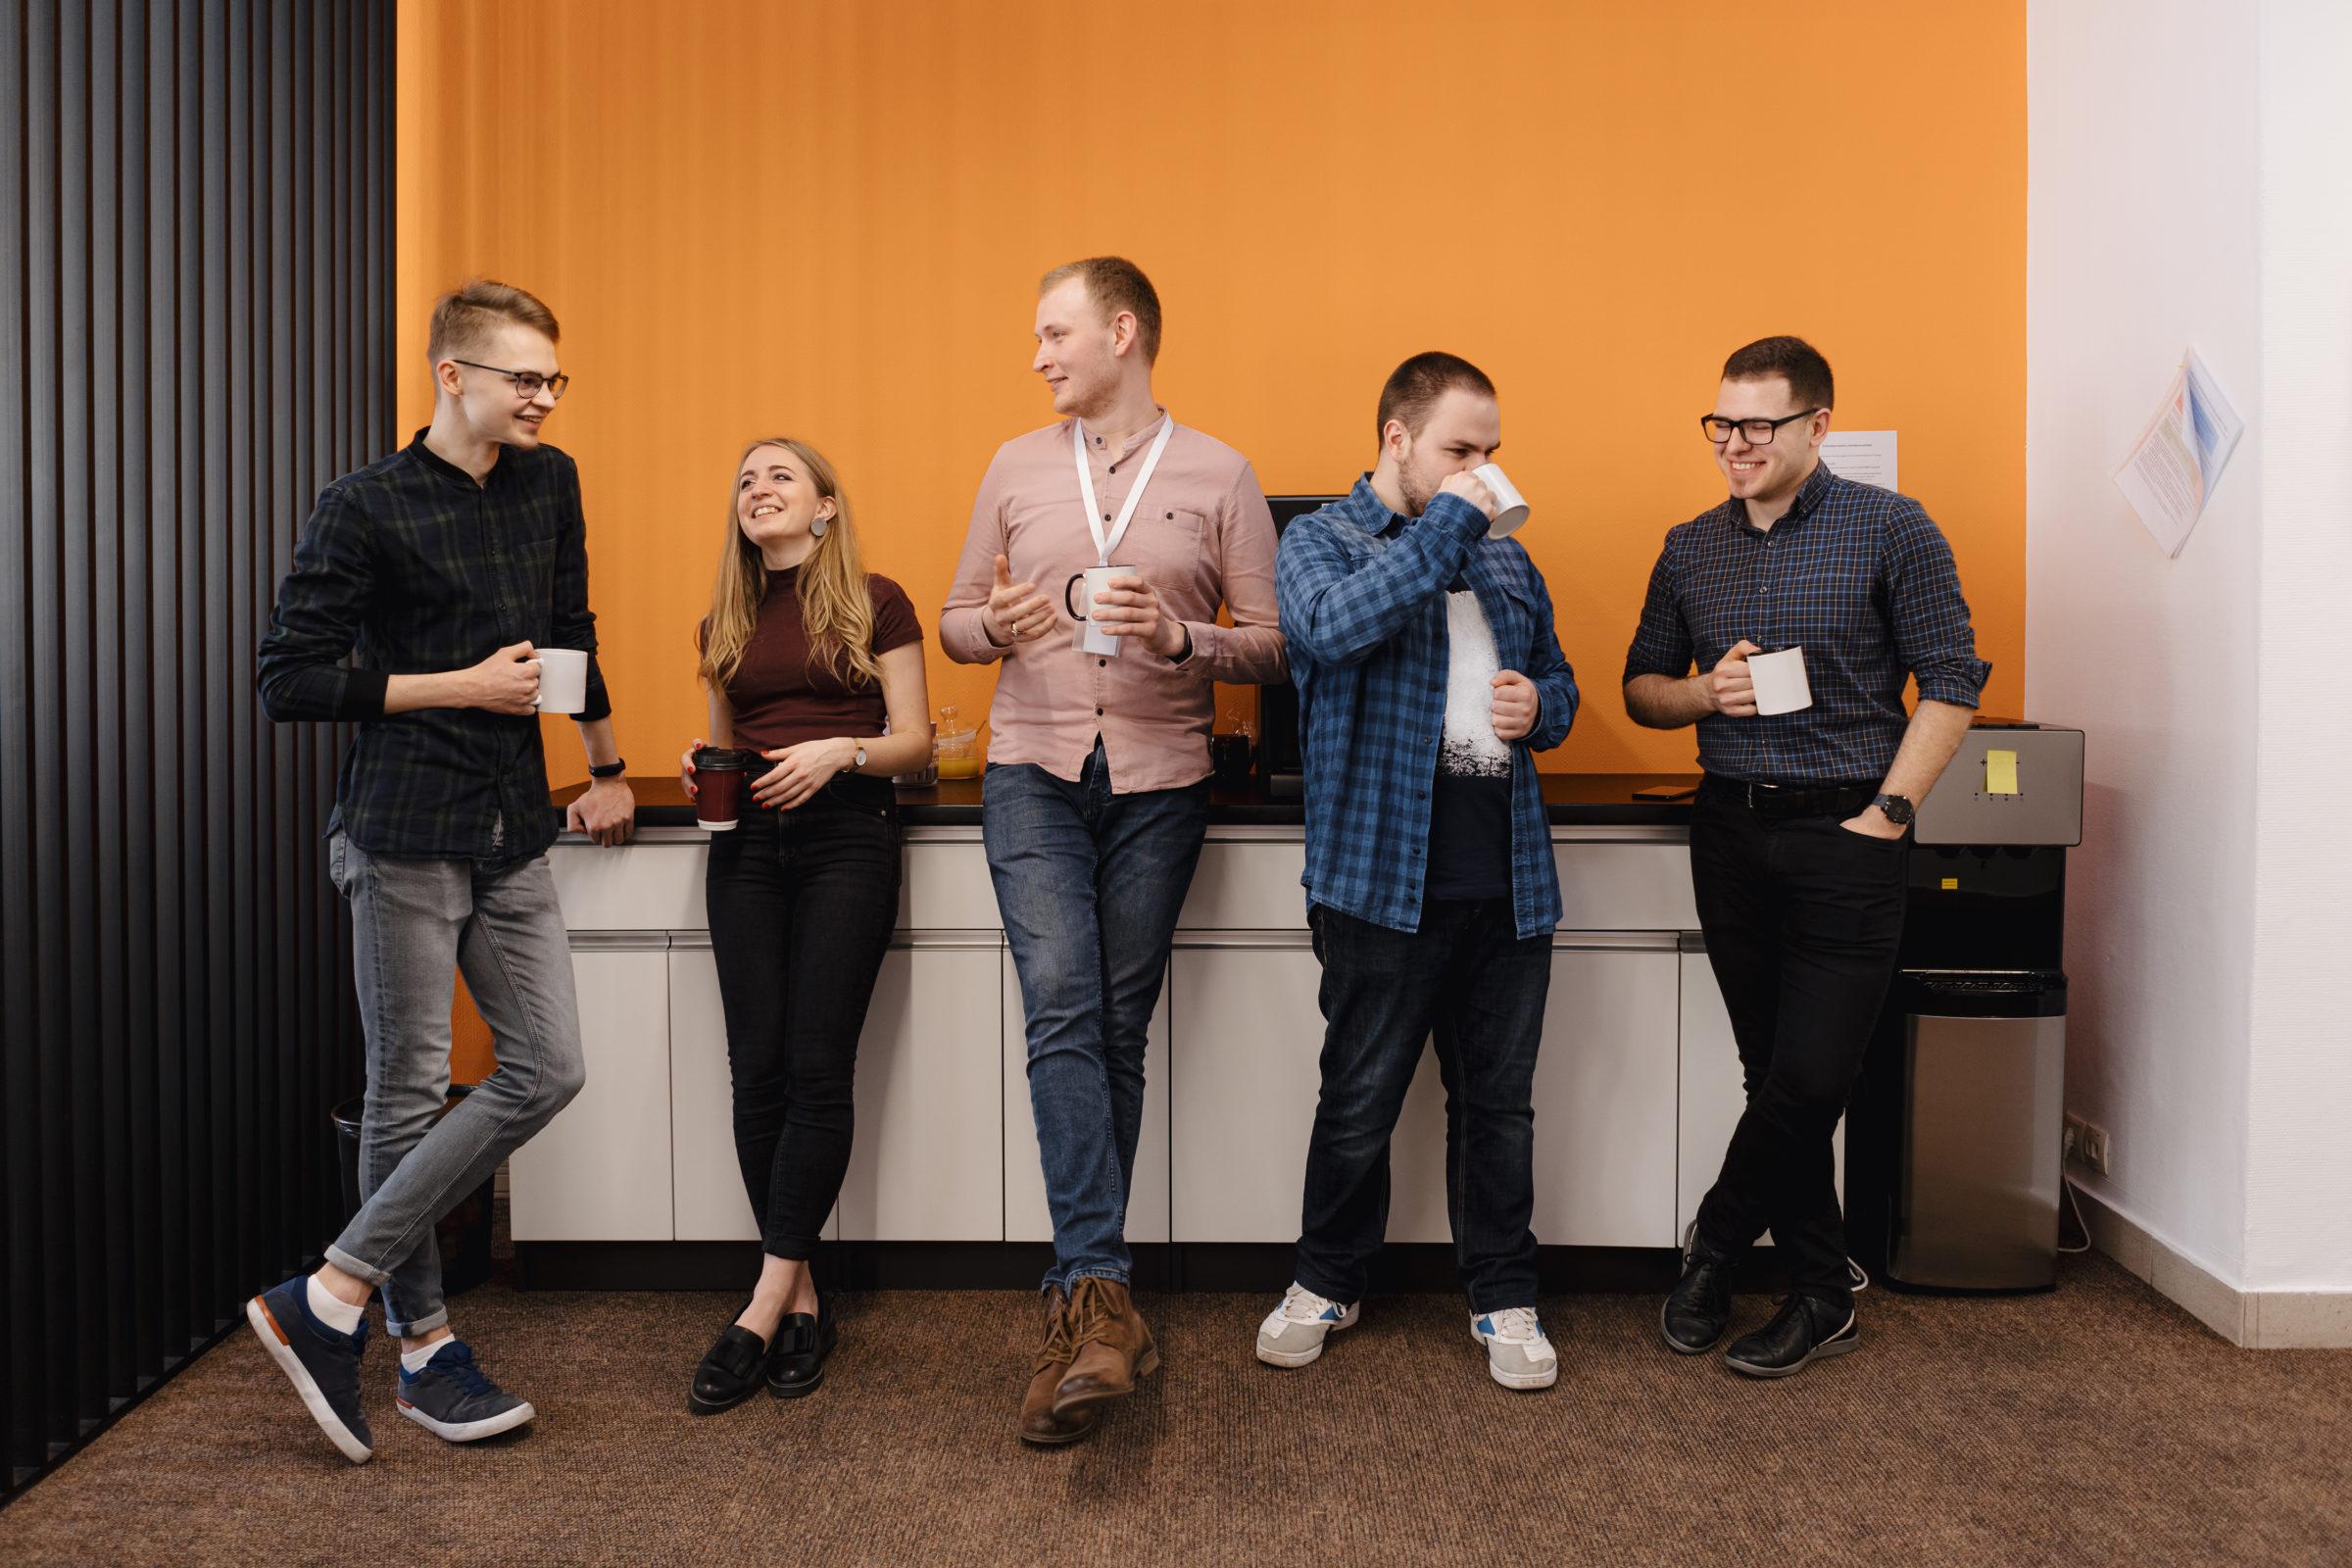 group of coworkers having a coffee break QGMSM8H